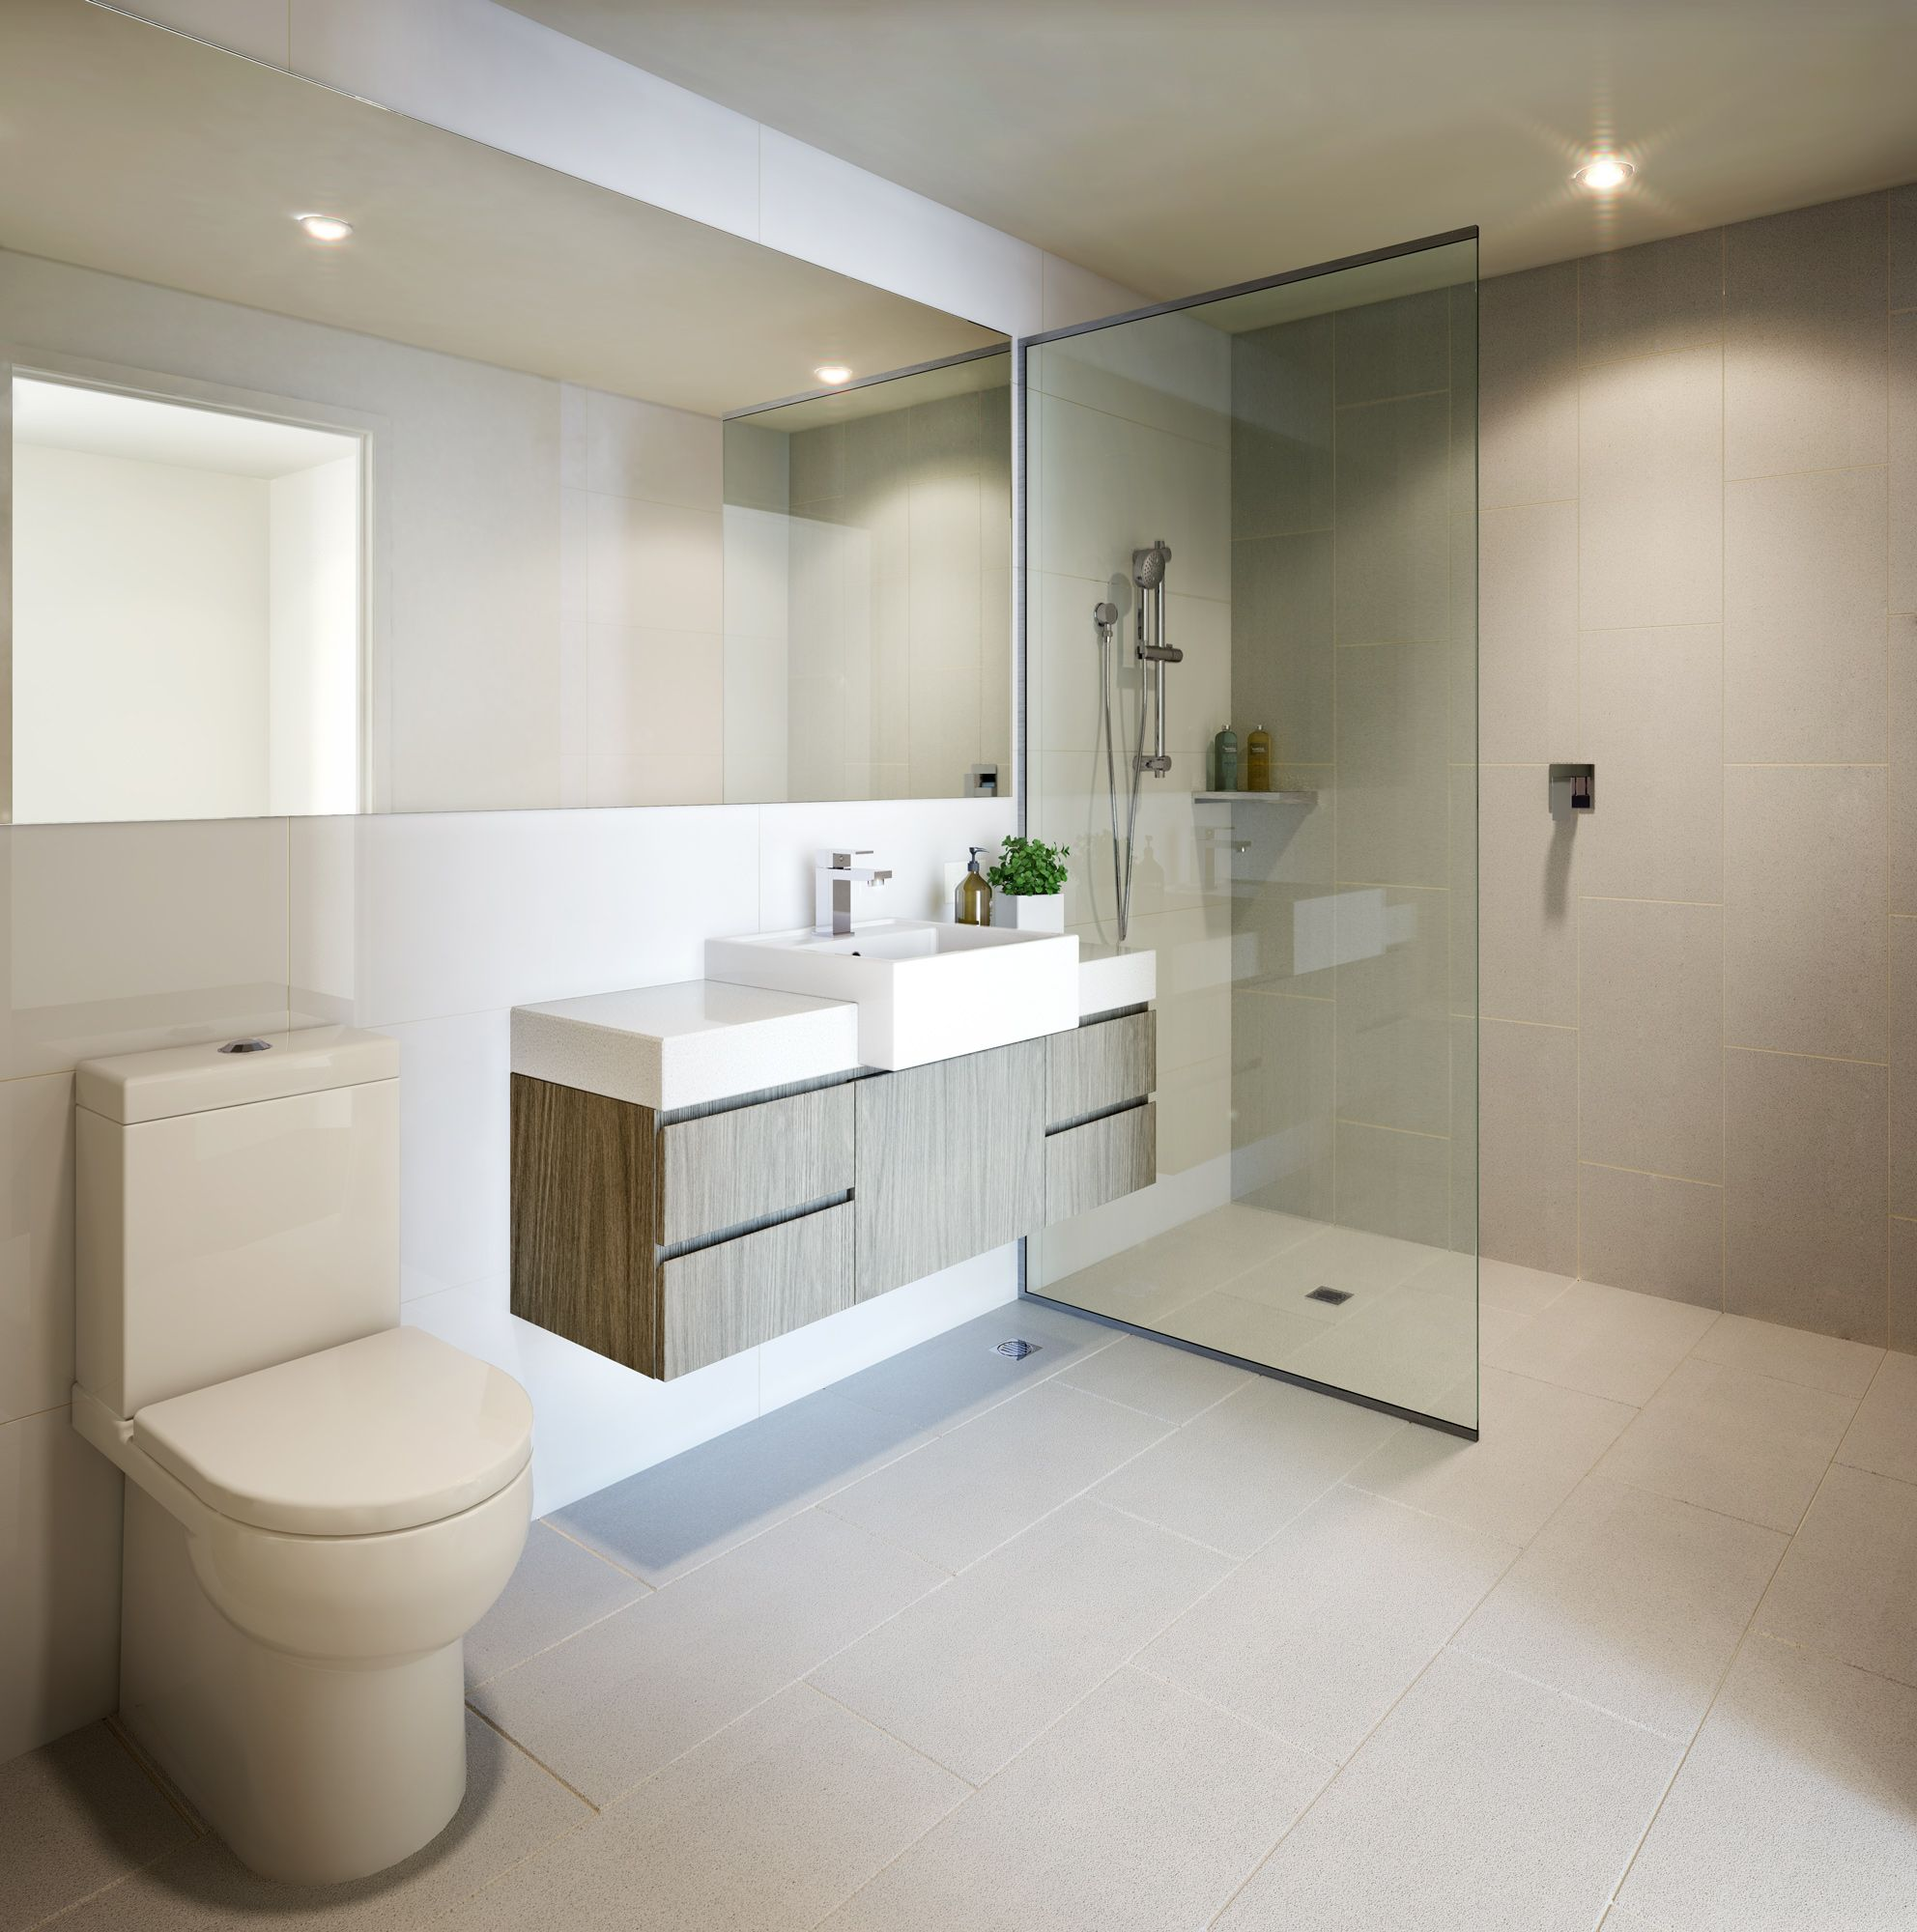 Beautiful neutral bathroom! Perth Apartment www.developwise.com.au ...